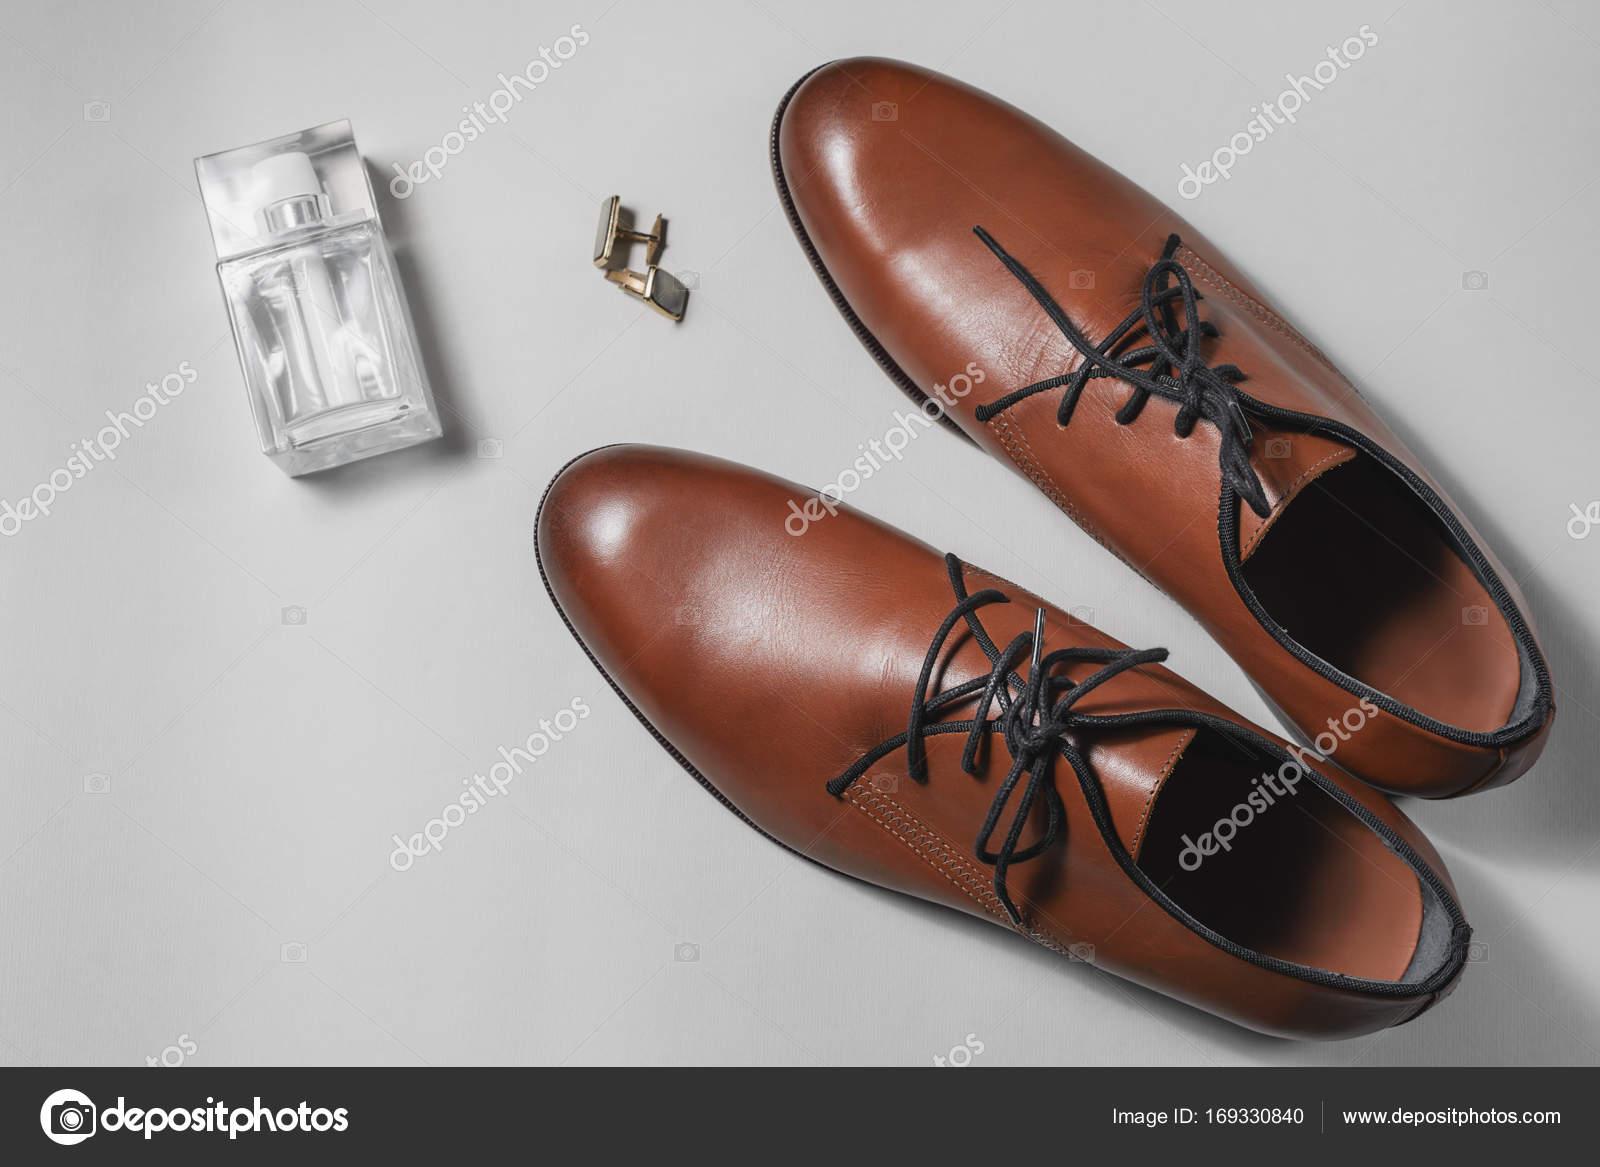 5d9353fa322 Ανδρικά αξεσουάρ. Παπούτσια με άρωμα και μανσέτα — Φωτογραφία ...